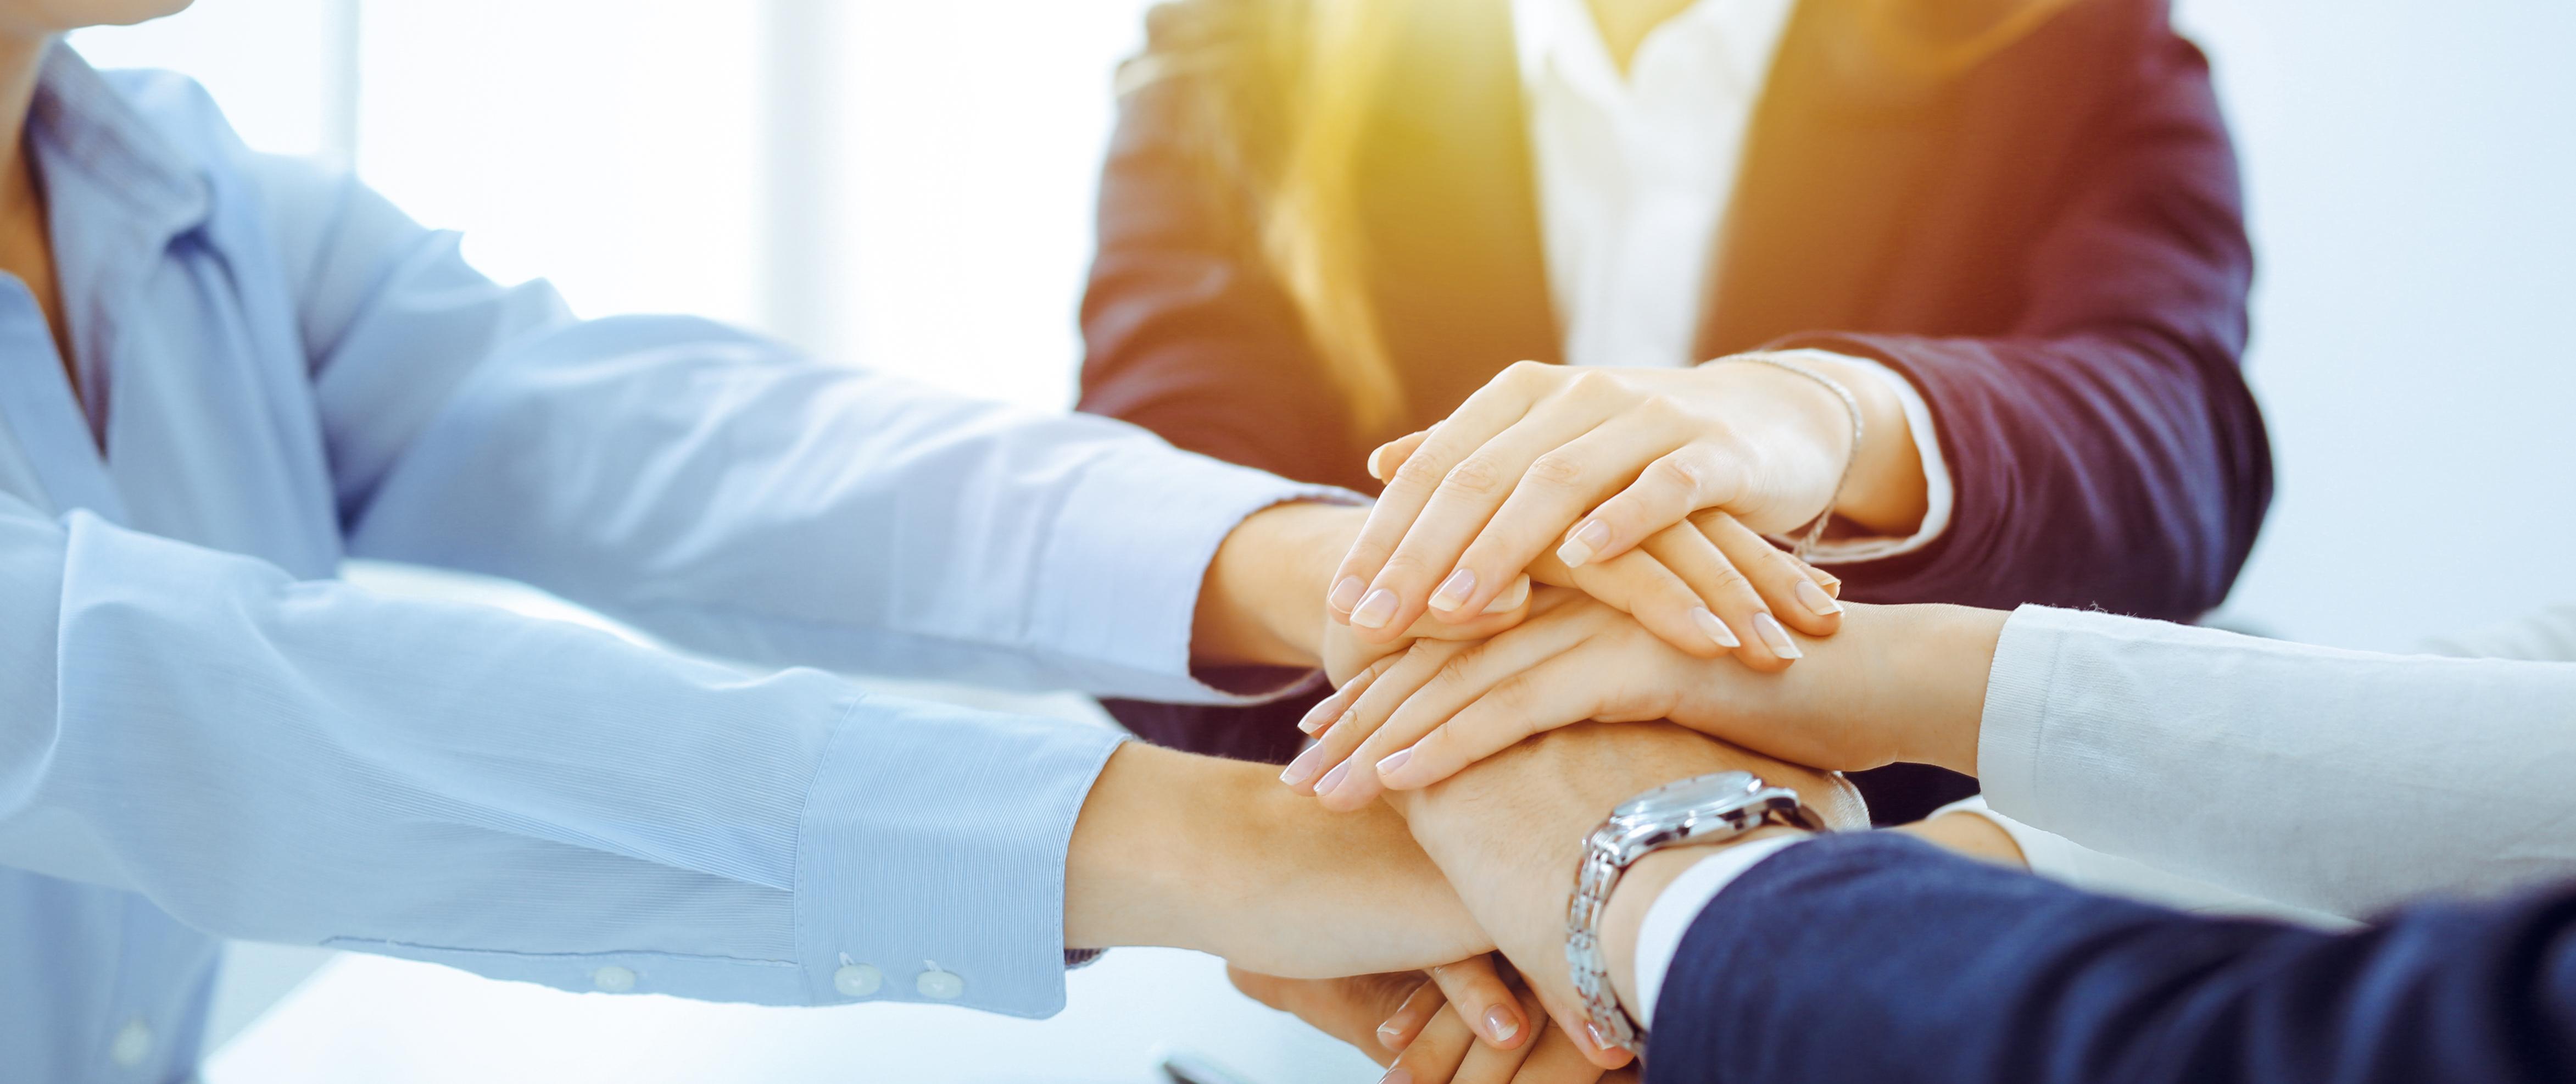 6 cách gắn kết nhân viên hiệu quả, HR không nên bỏ lỡ!